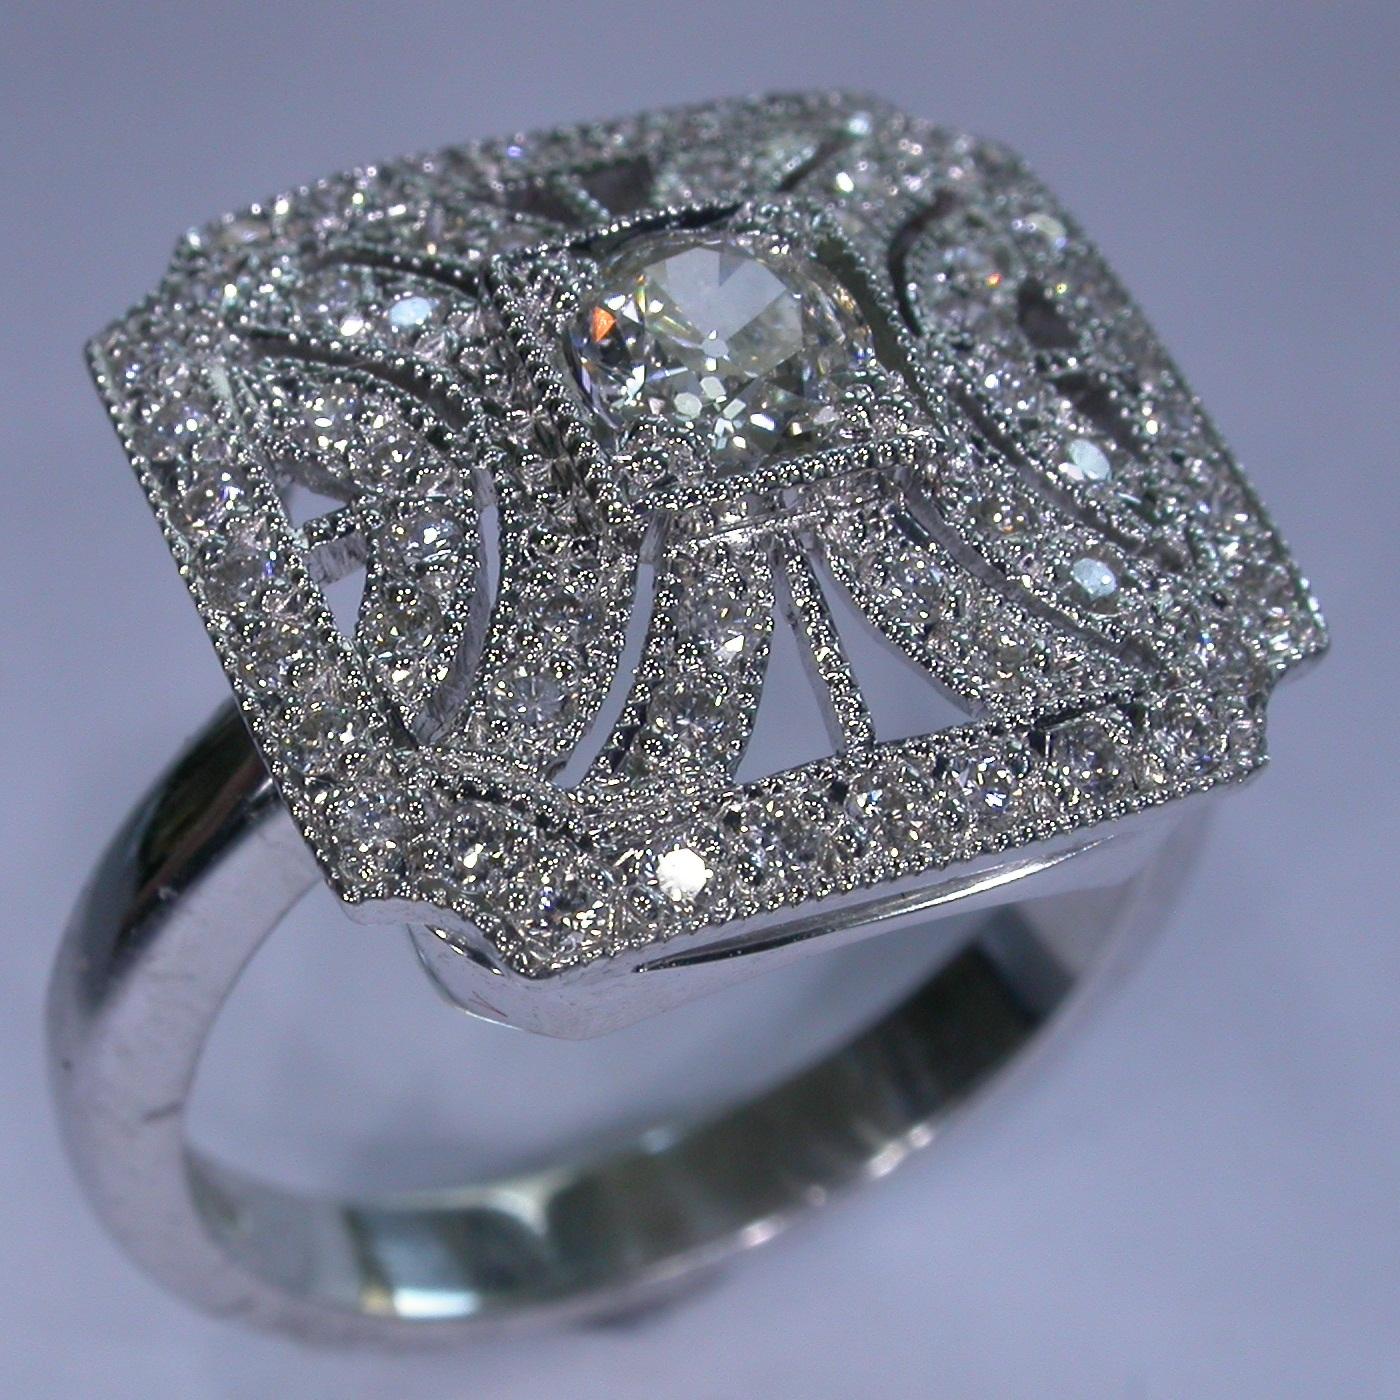 Vintage Engagement Ring in Melbourne - #8131